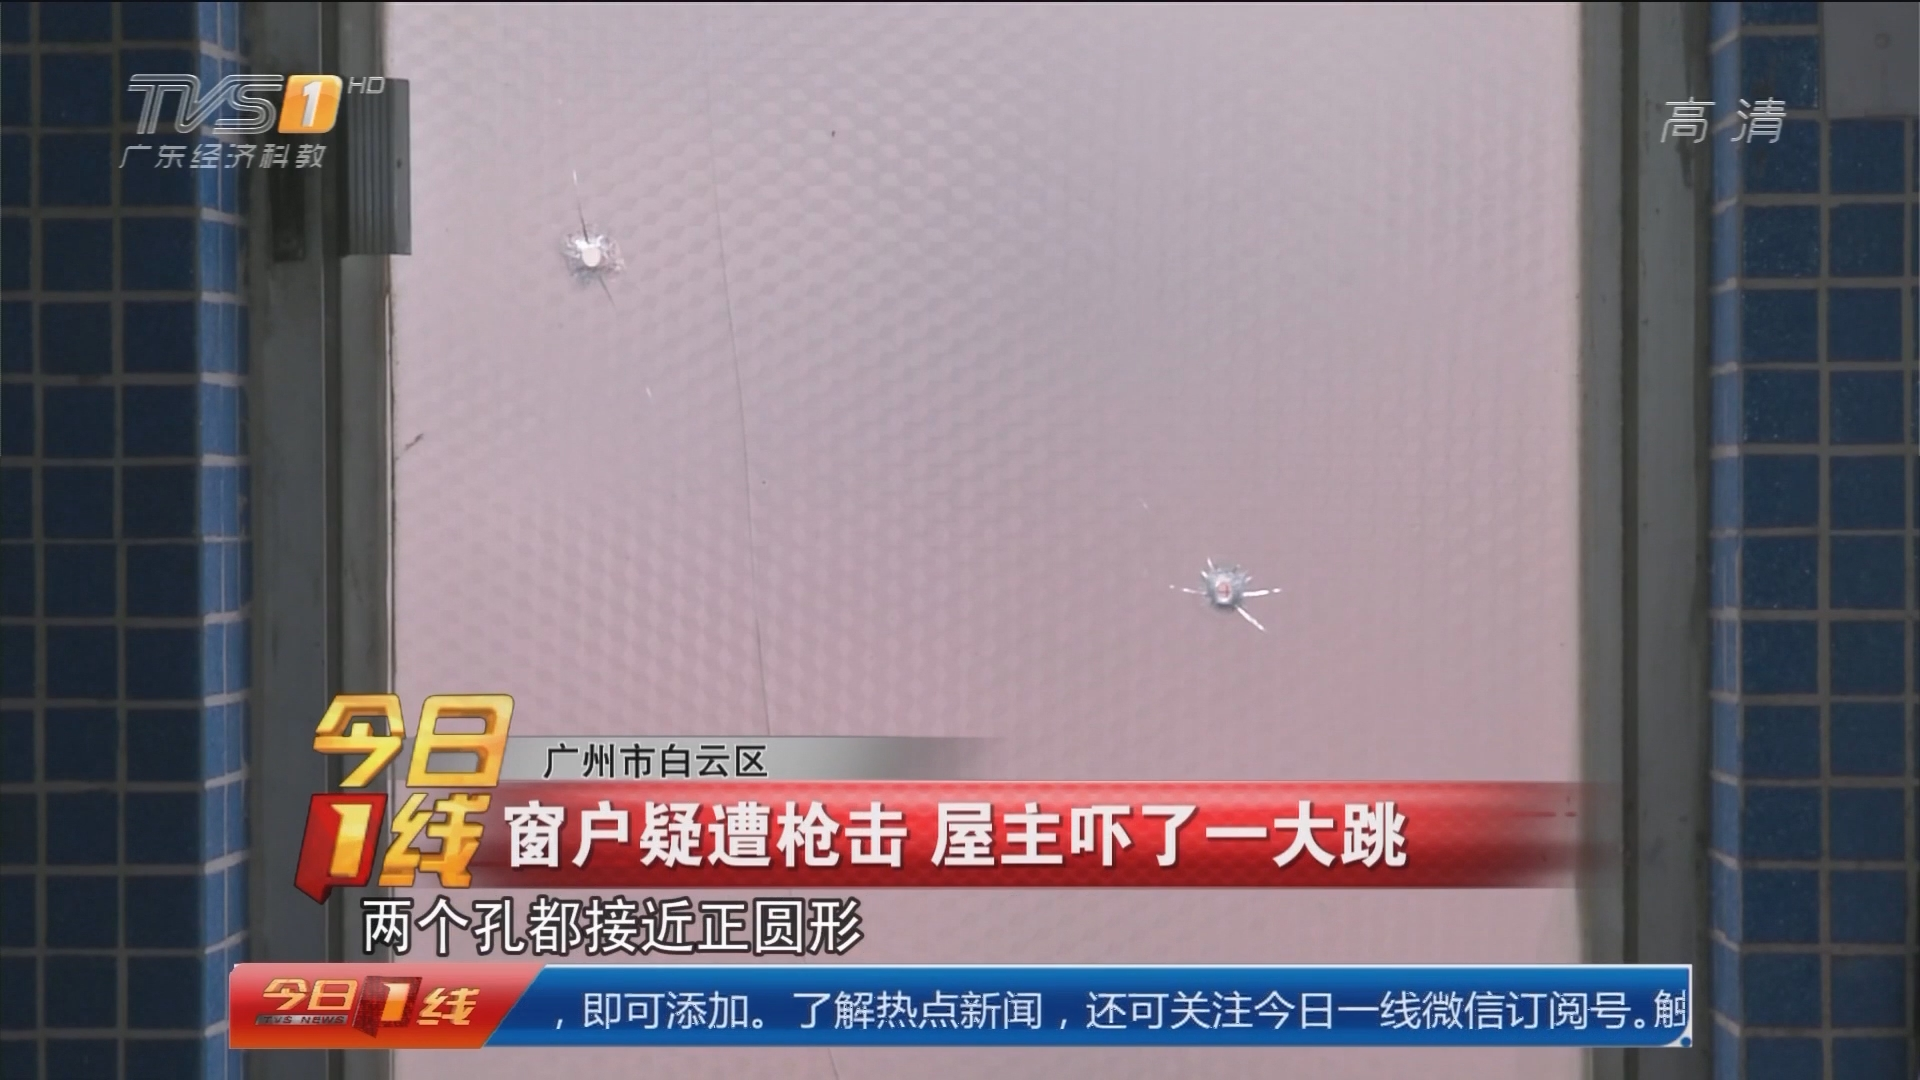 广州市白云区:窗户疑遭枪击 屋主吓了一大跳